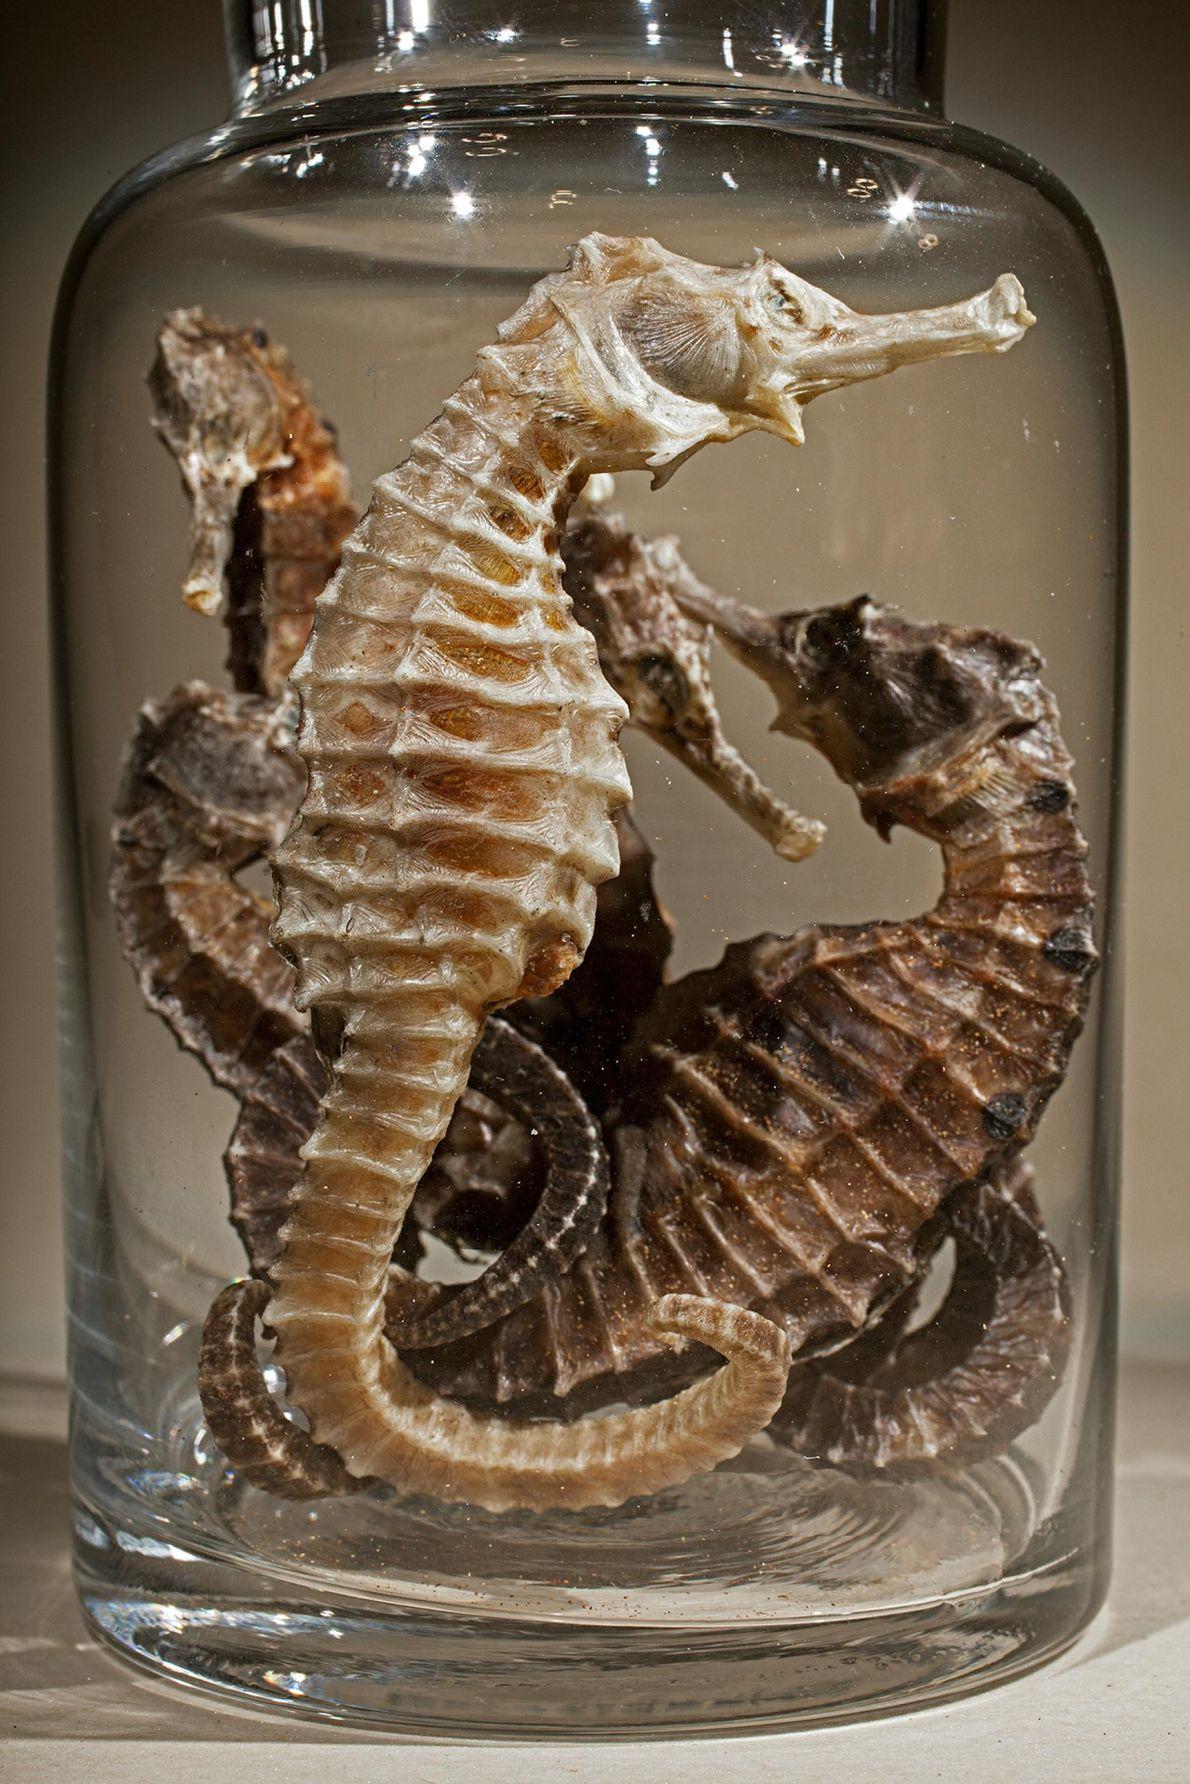 Chaque année, 20 millions ou plus d'hippocampes font l'objet d'échanges commerciaux pour traiter des maladies telles ...